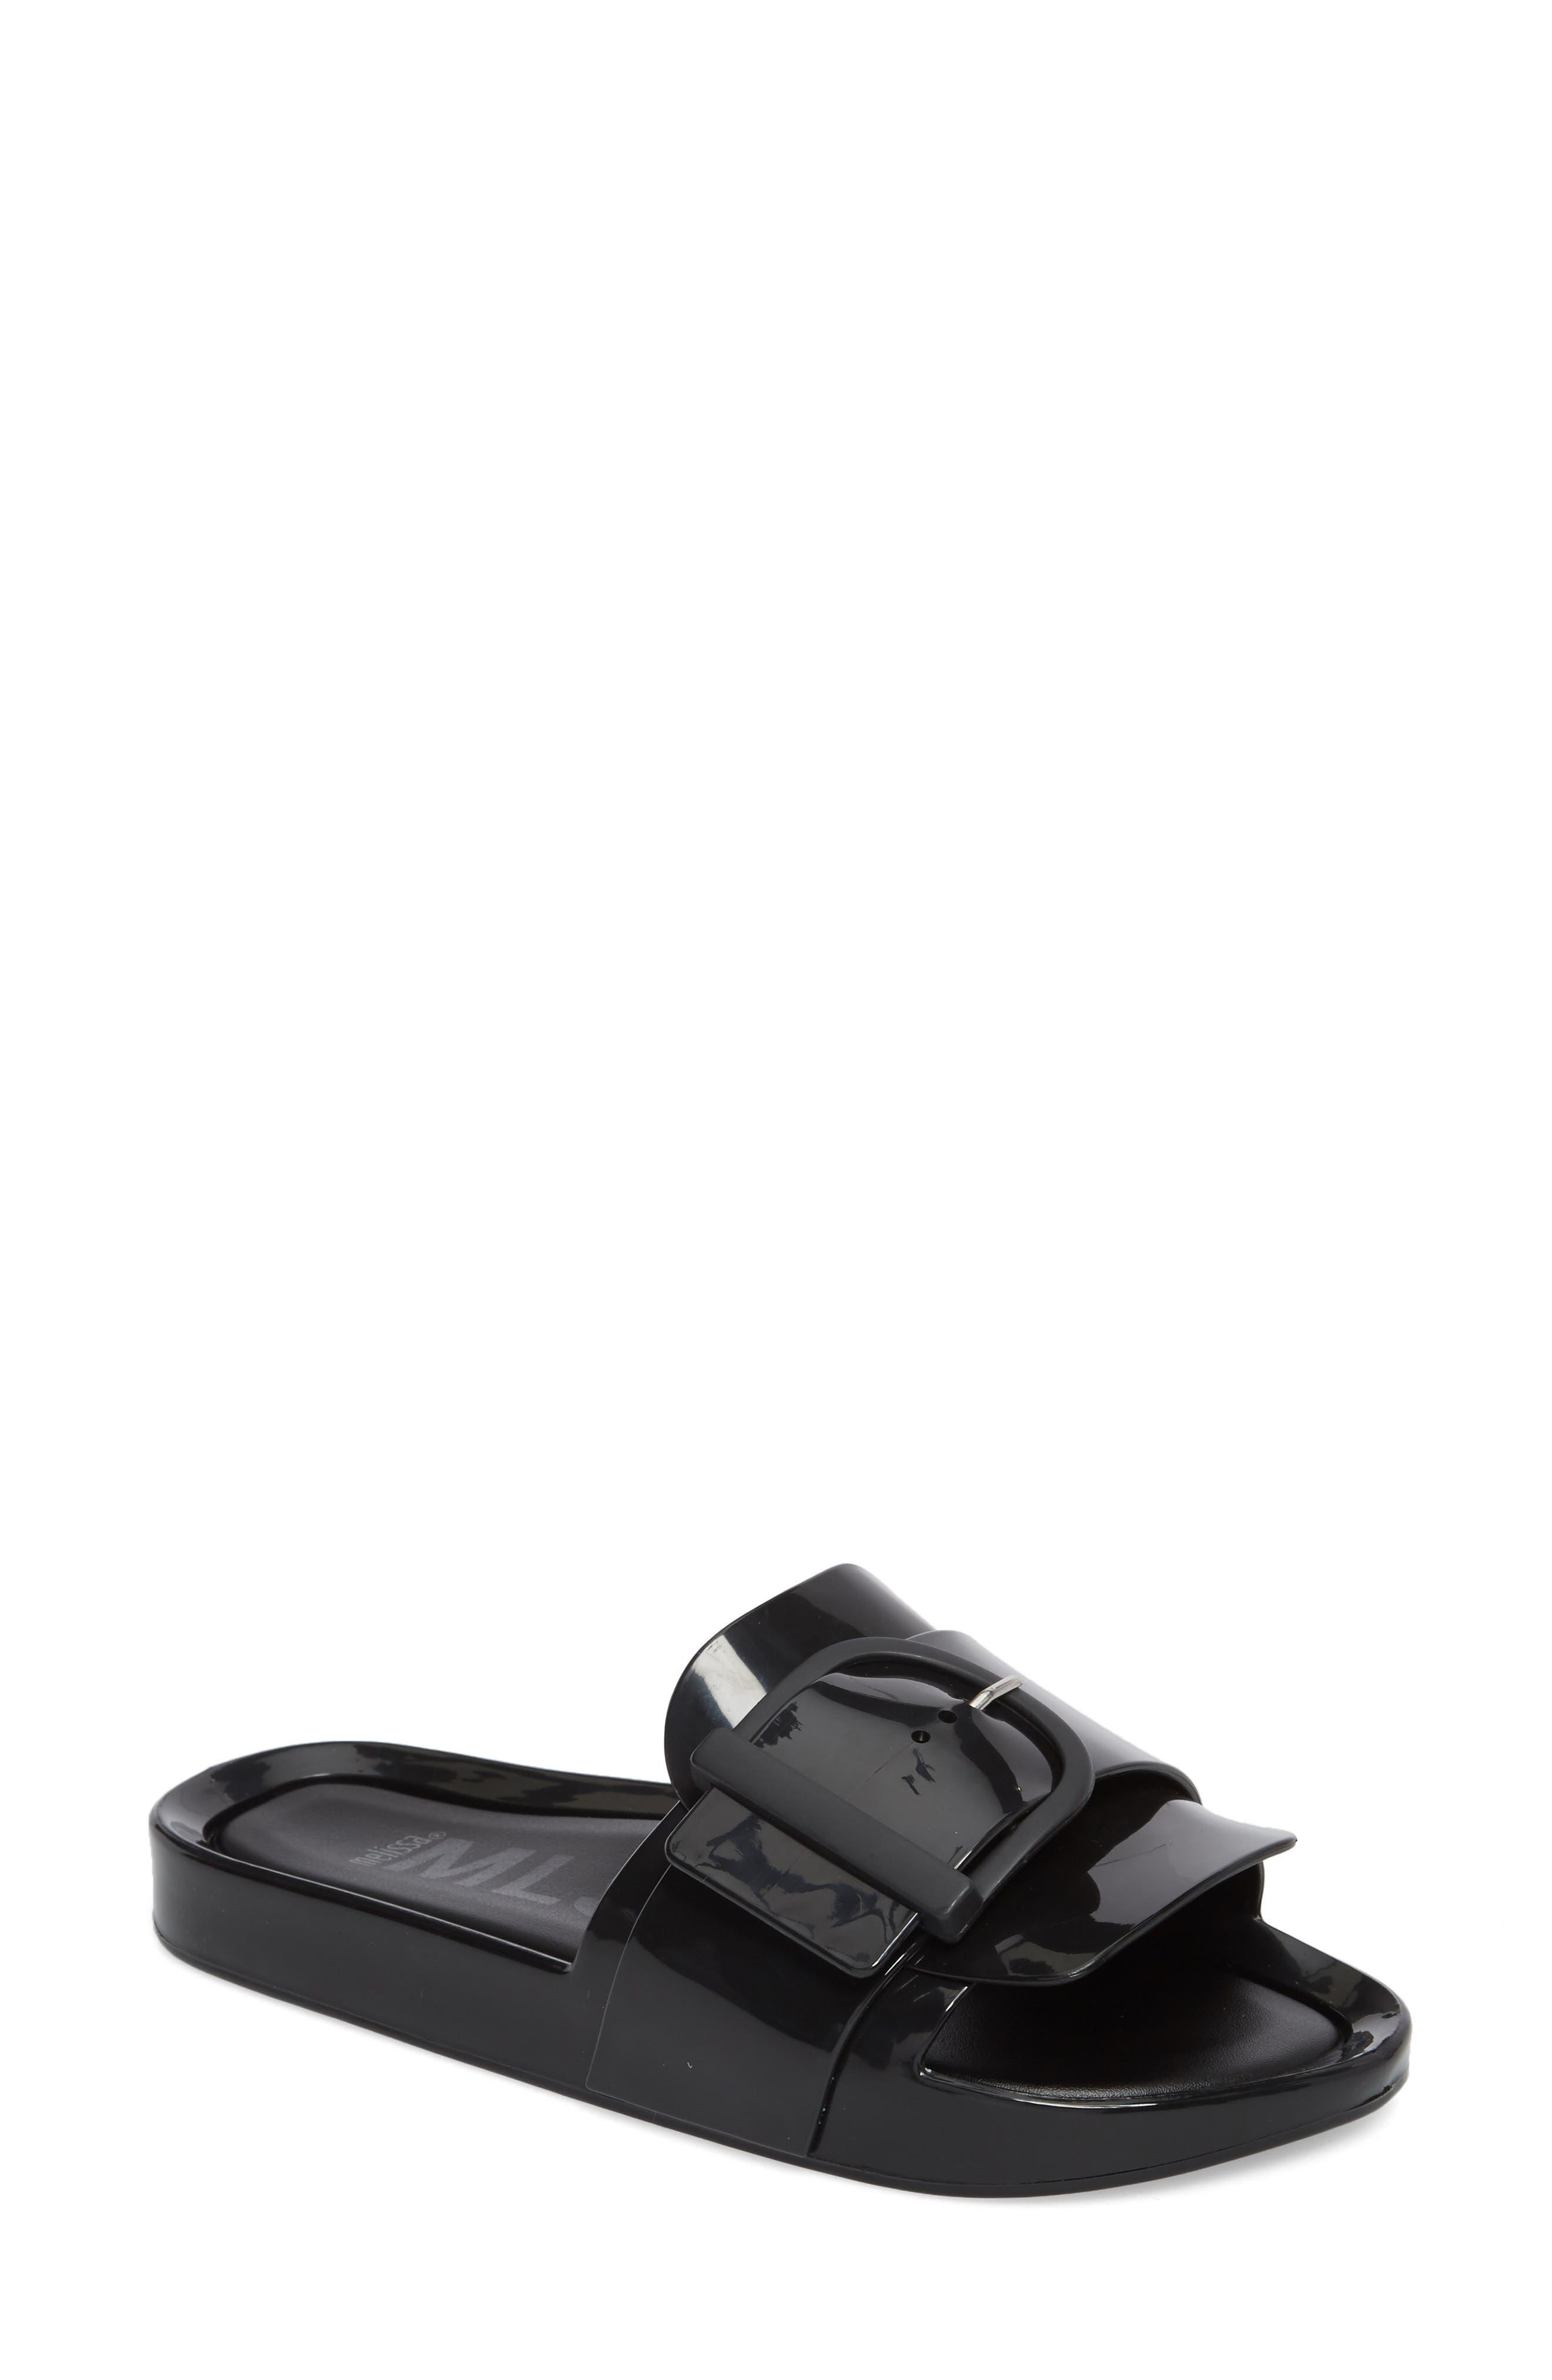 Beach Slide Sandal,                         Main,                         color, BLACK